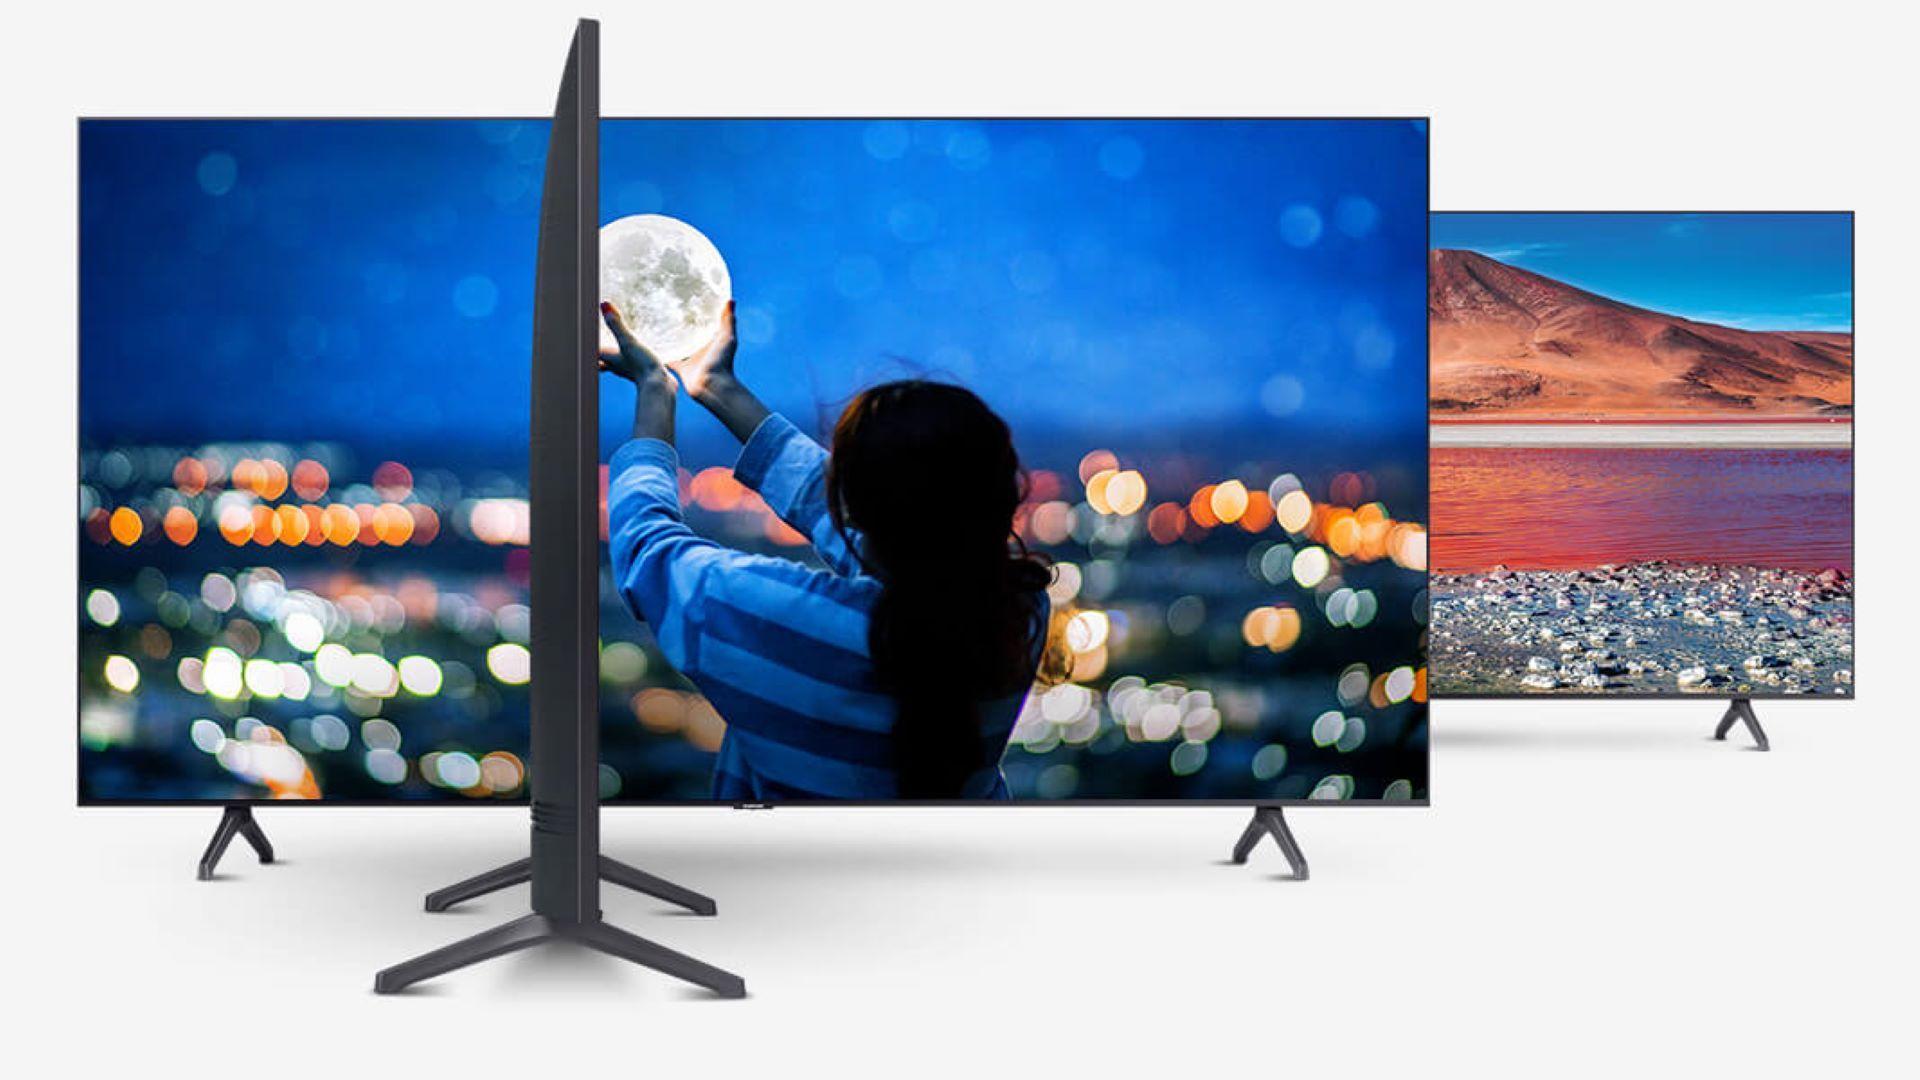 TU8000 é a TV 4K com a tela mais fina da categoria (Foto: Divulgação/ Samsung)